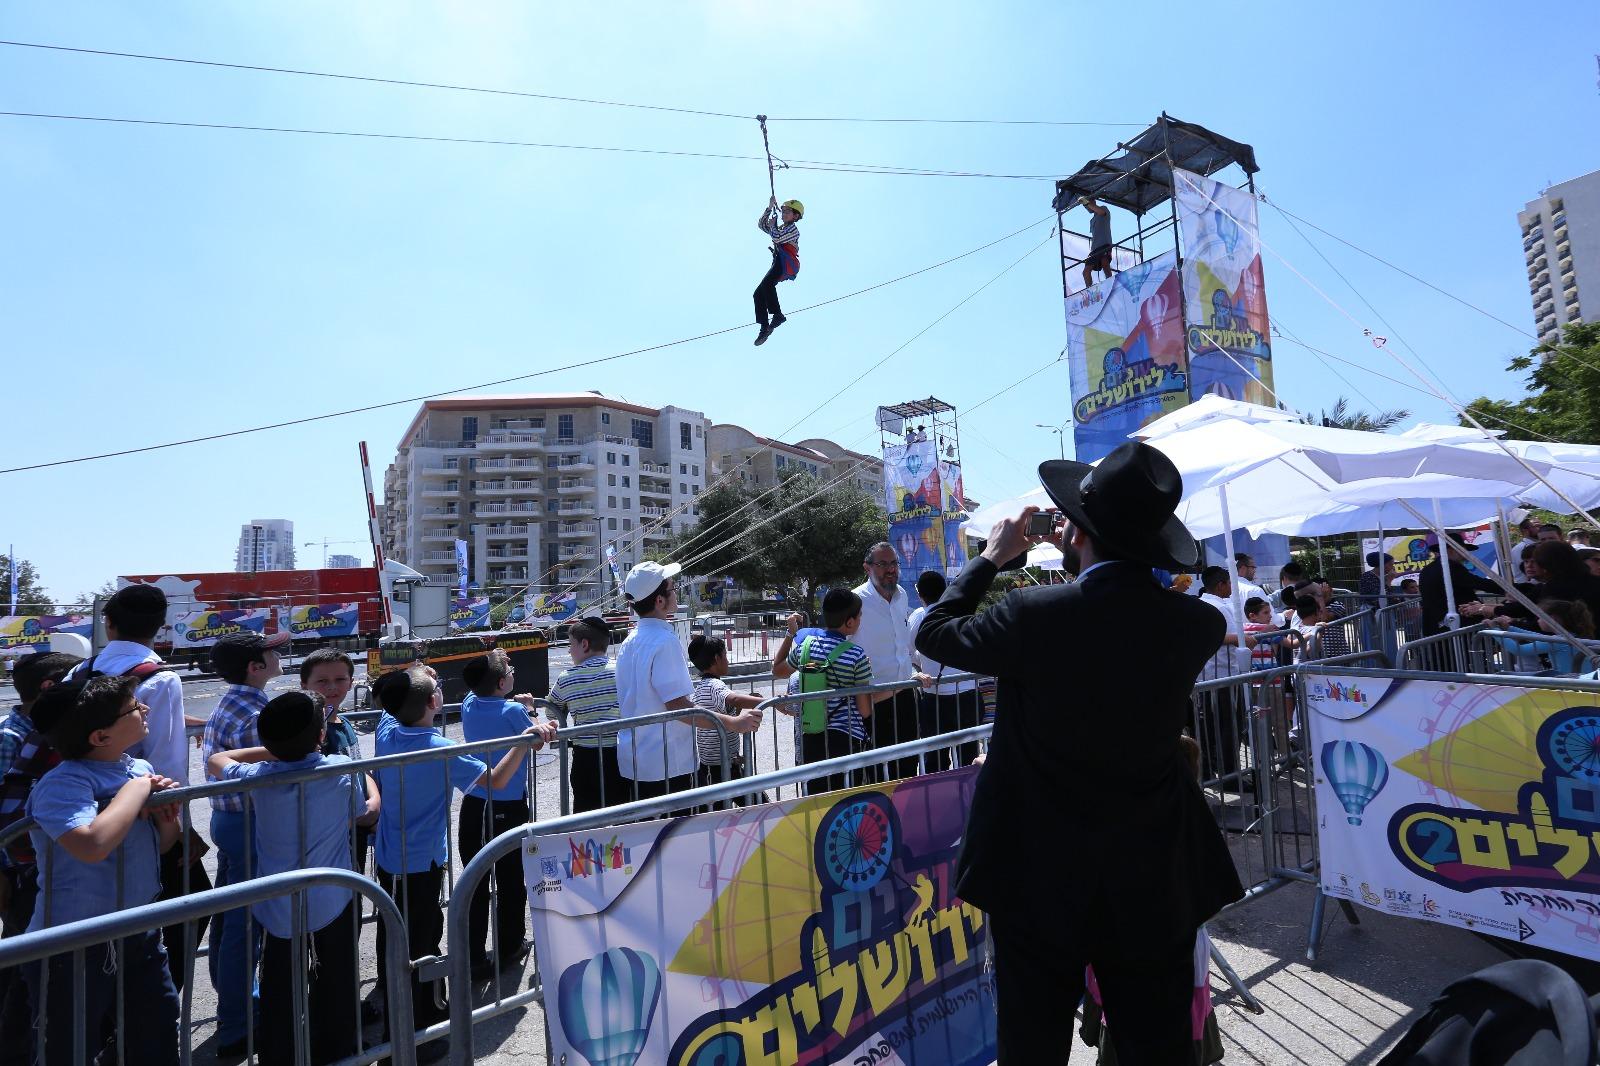 עולים לירושלים 2